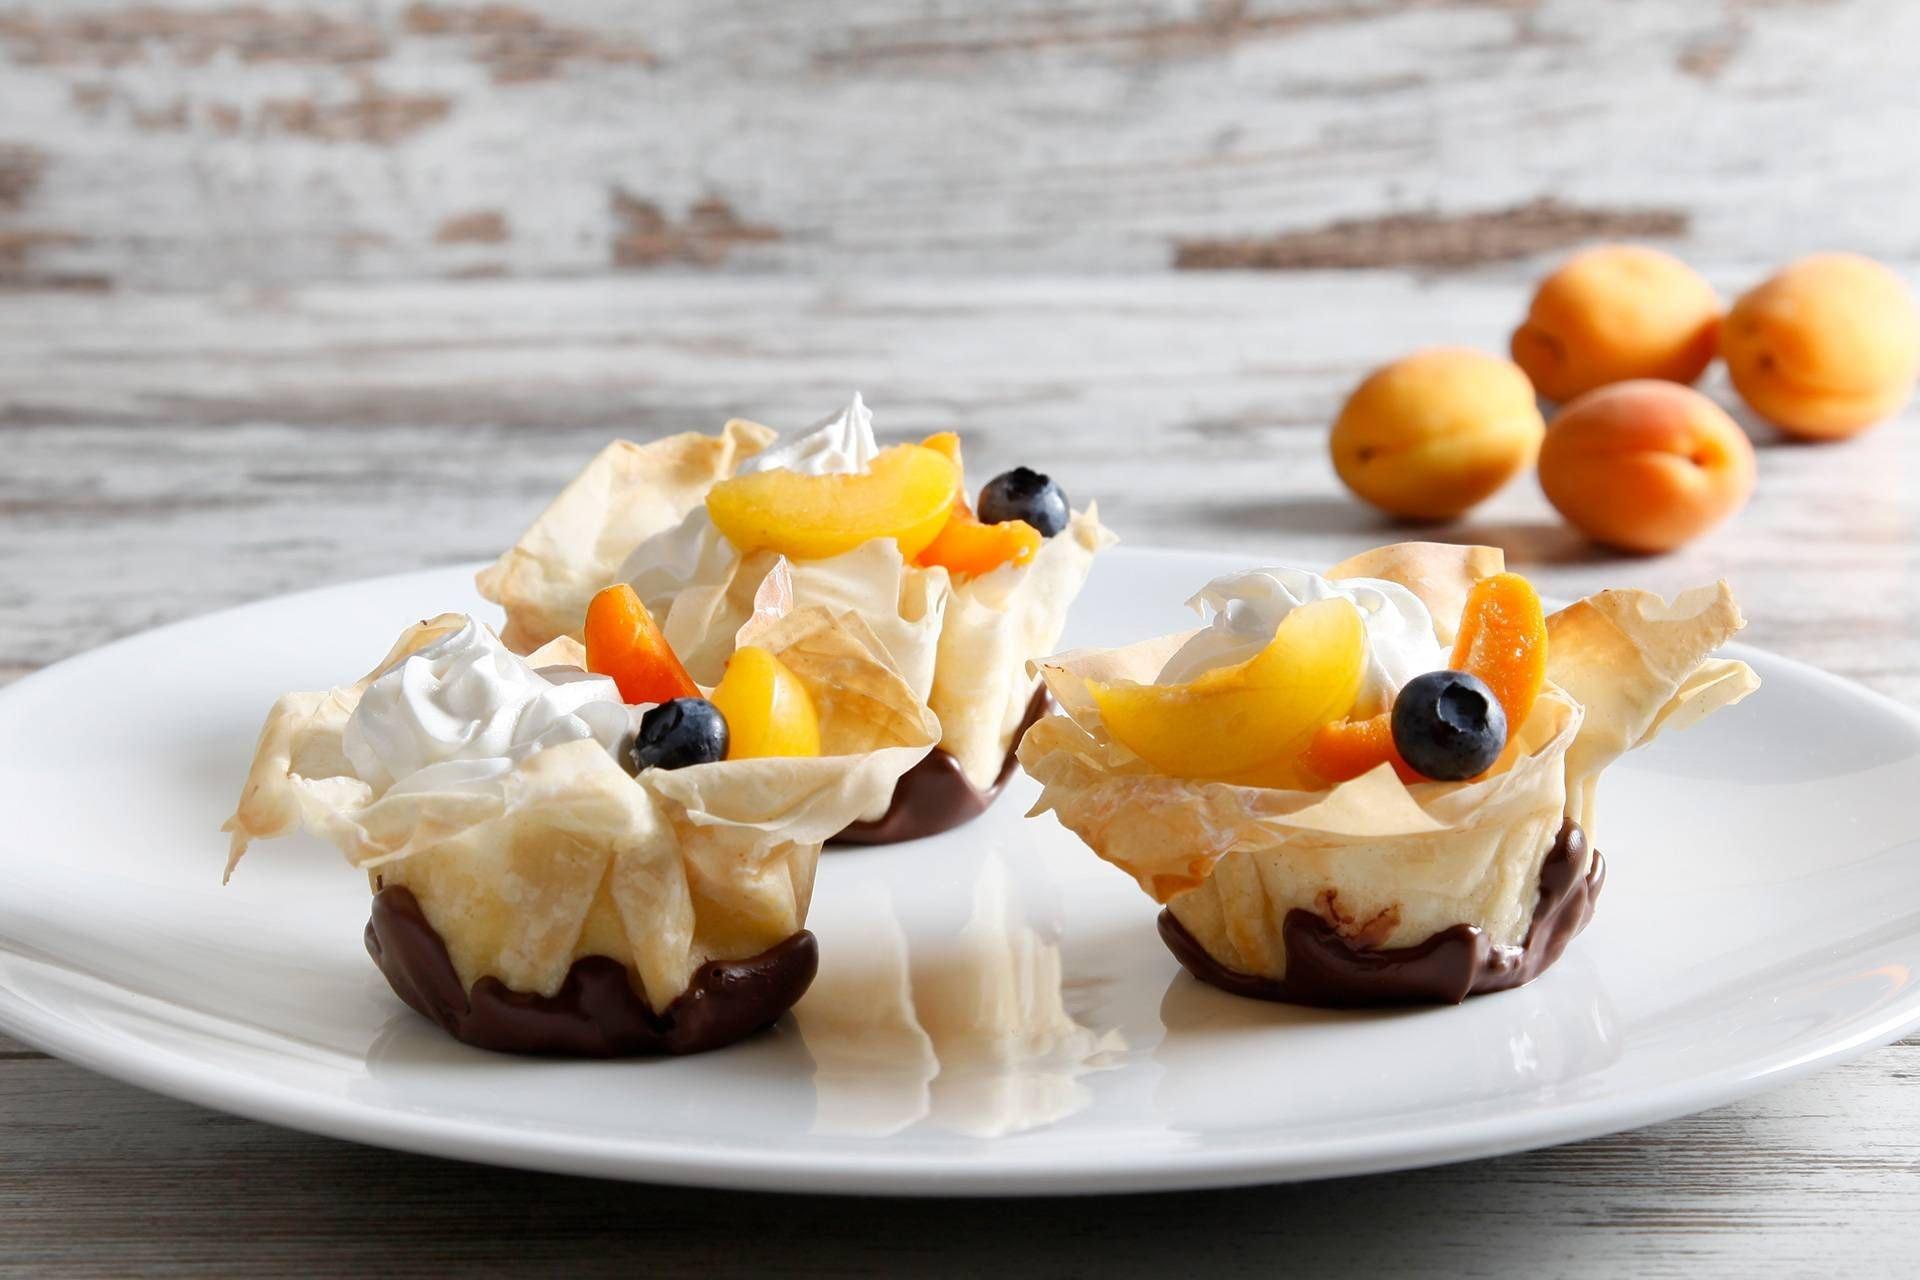 Cestini di Pasta Fillo con Crema Pasticcera - Parmalat